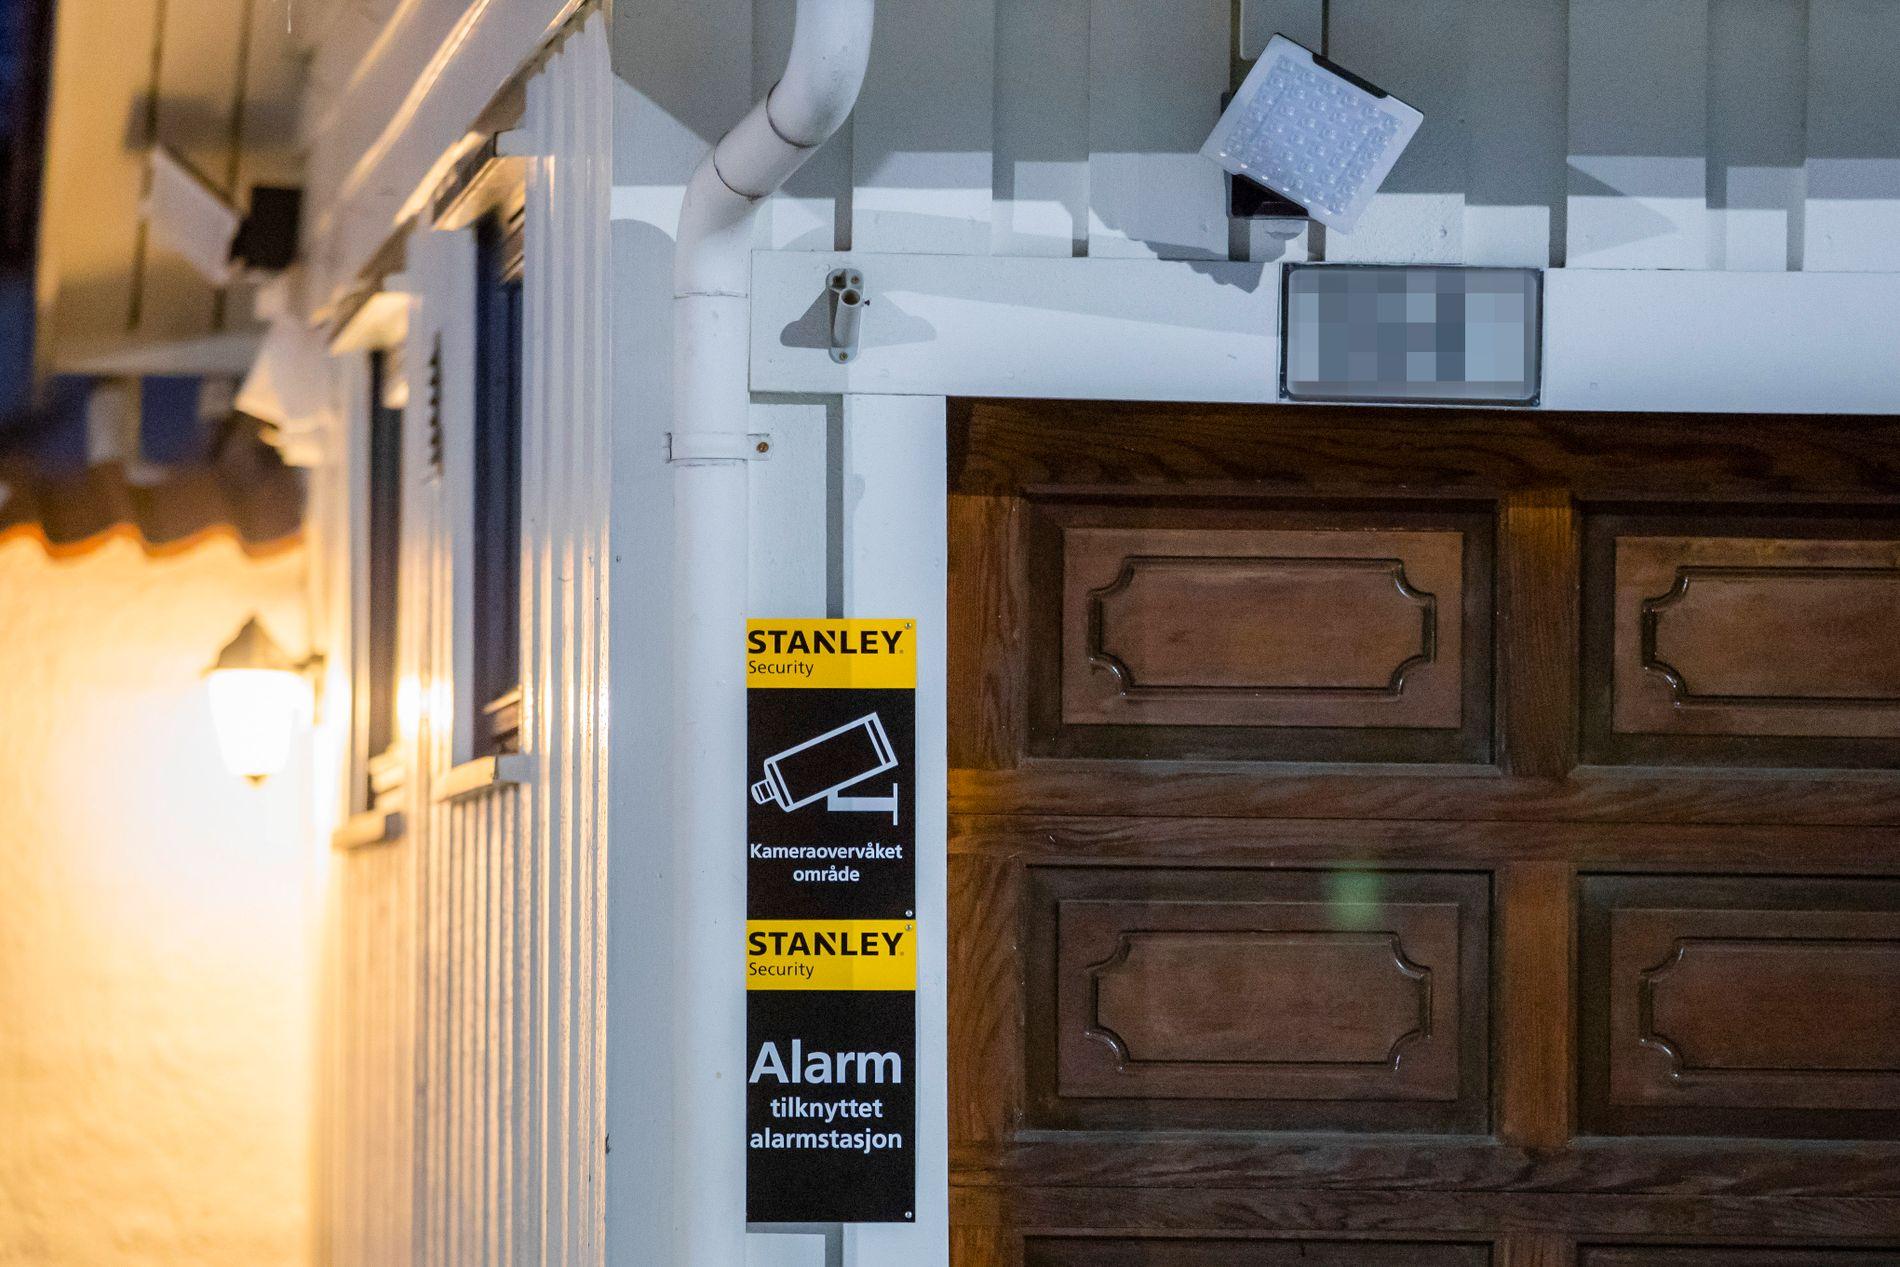 OVERVÅKET: Boligen til justisminister Tor Mikkel Wara er kameraovervåket etter flere truende hendelser. Natt til søndag ble en bil som tilhører familien påtent i oppkjørselen.